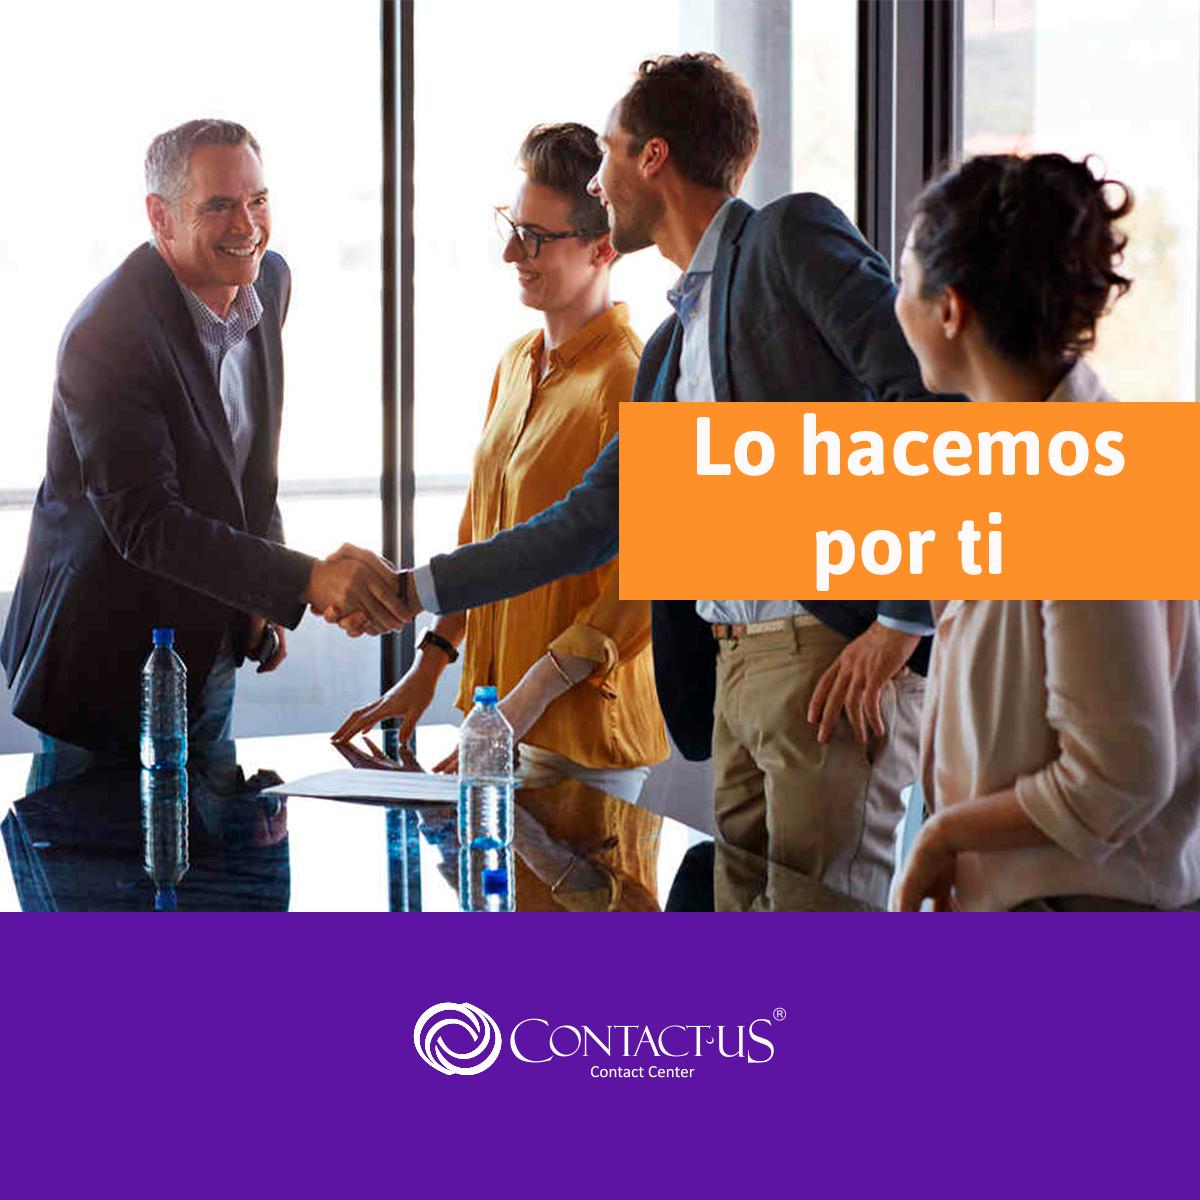 Nuestra solución de atención al cliente se enfoca en fortalecer la relación entre su empresa y sus consumidores, dando atención, respuesta y resolución a sus dudas, comentarios o problemas desde el primer contacto.#Puebla #AtenciónAClientes #Innovación